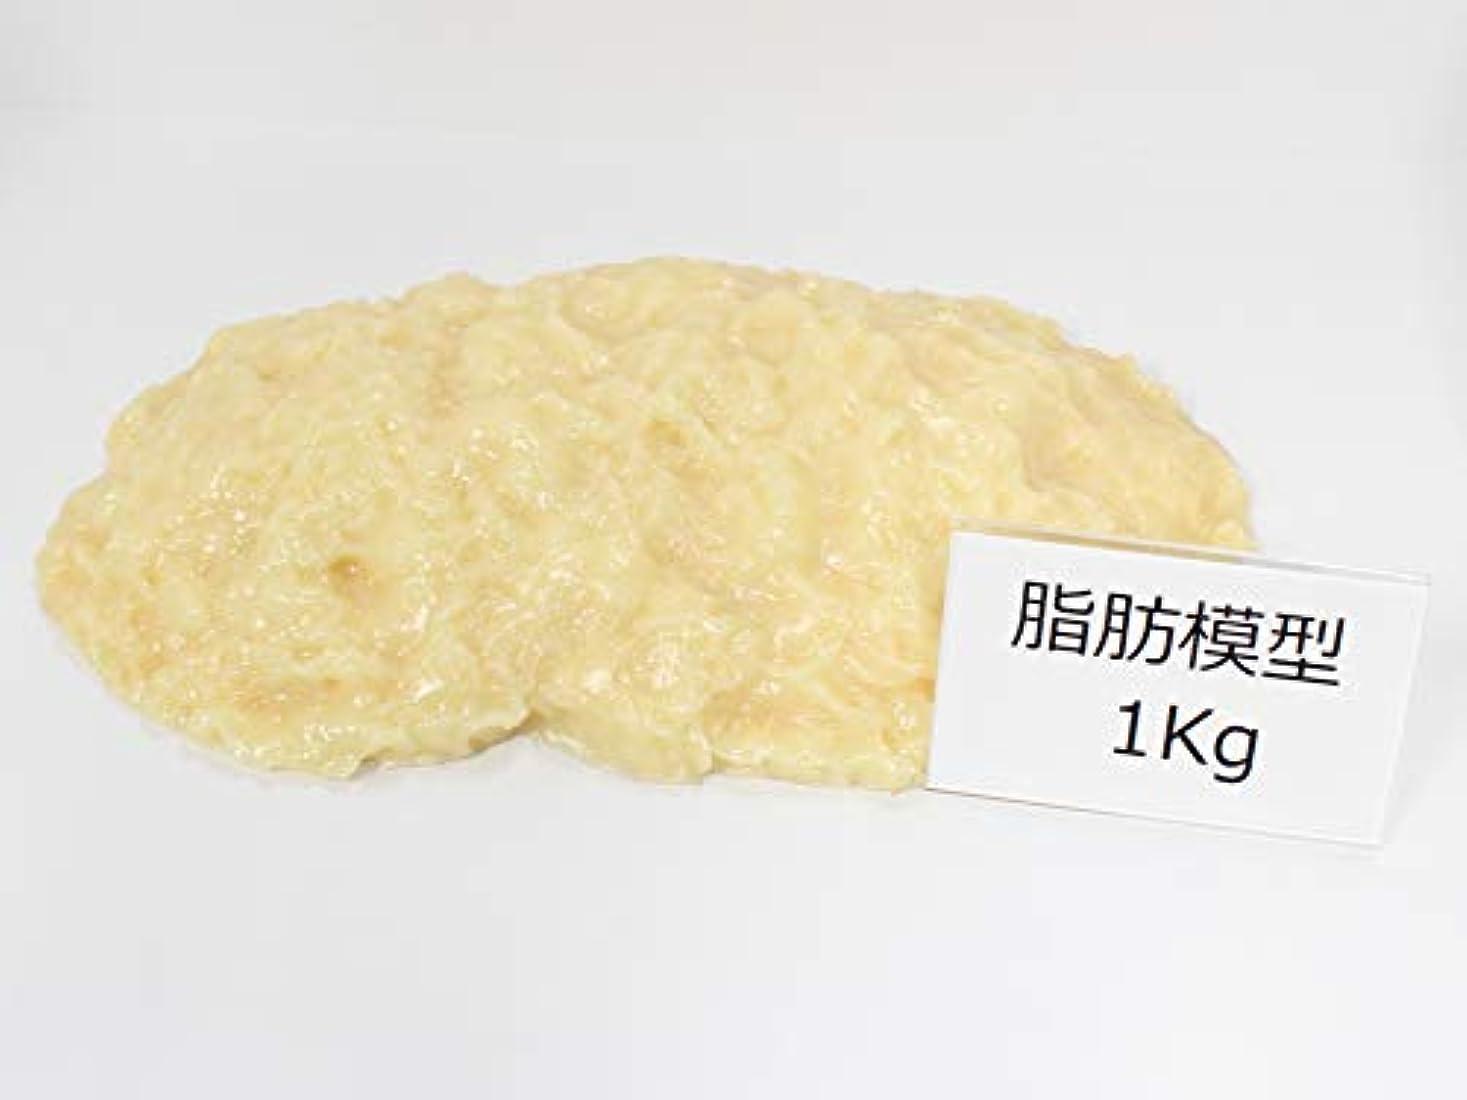 衝突違う耐える脂肪サンプル 脂肪模型 食品サンプル 実物重量 ダイエット トレーニング フードモデル (1kg)